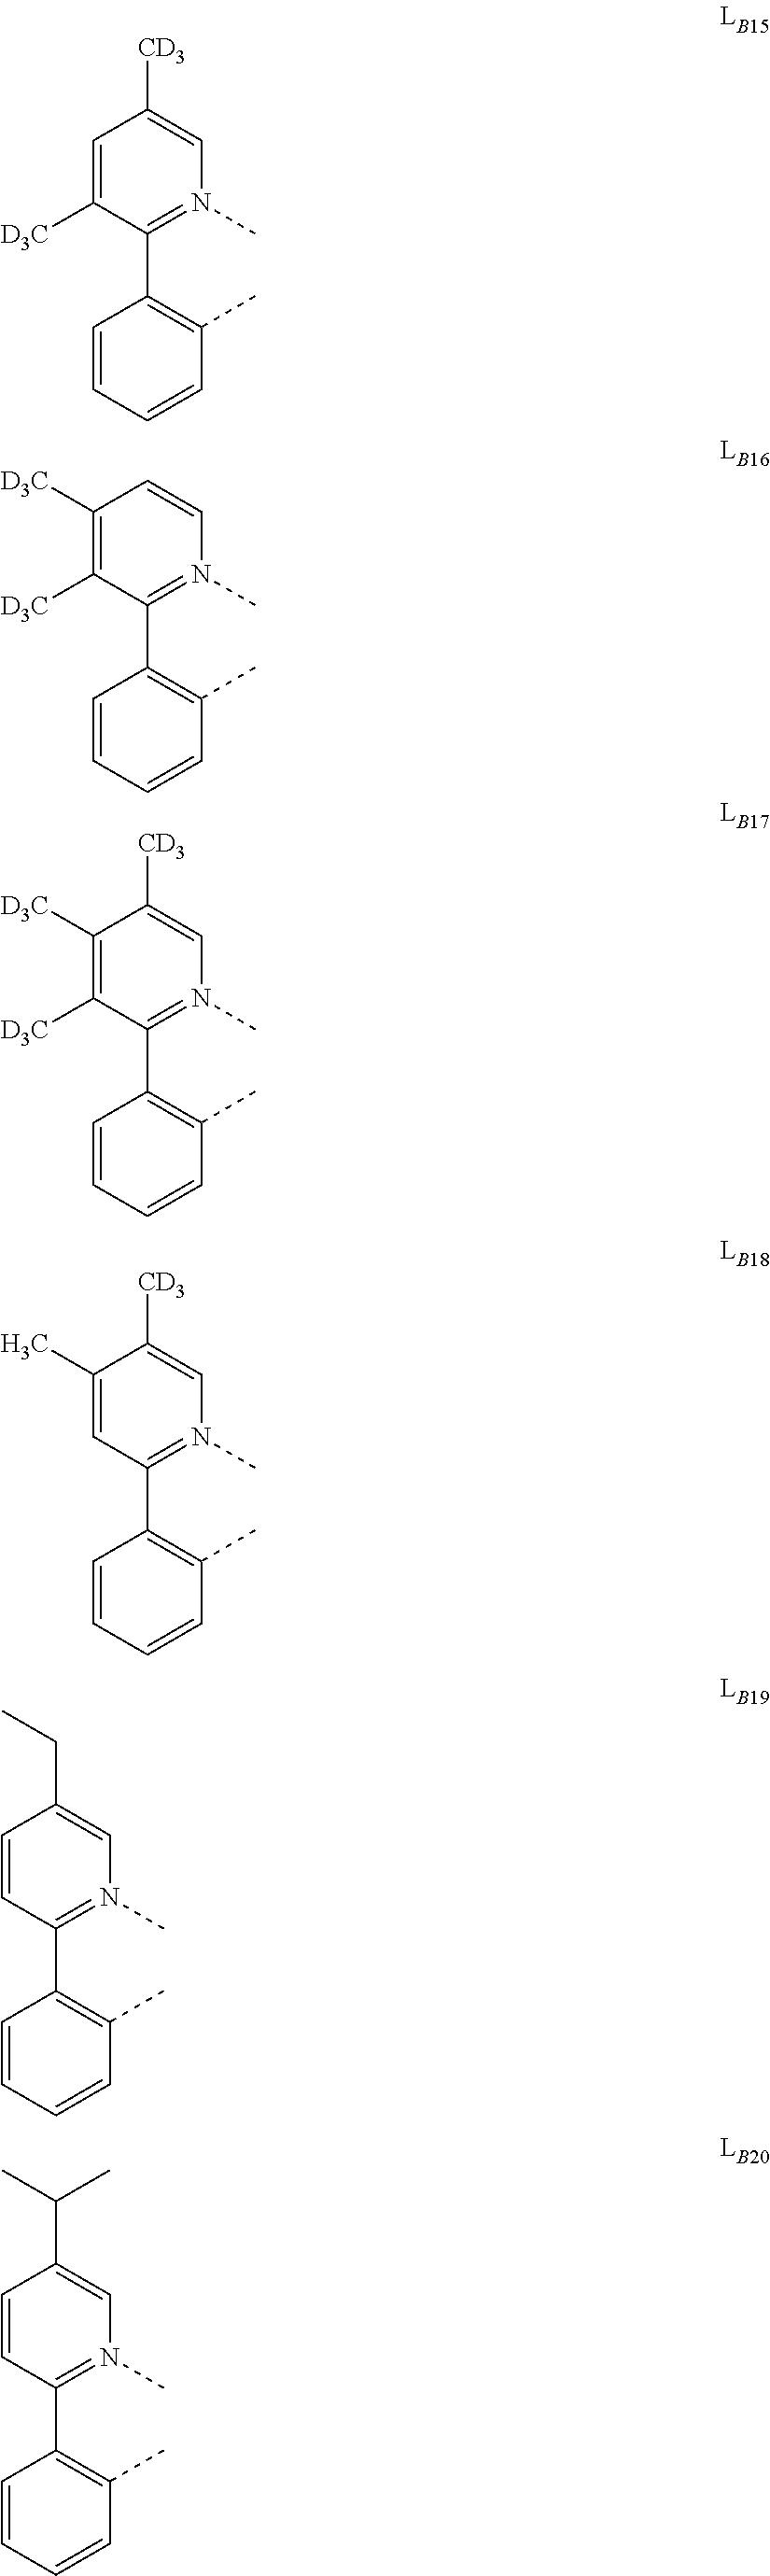 Figure US09590194-20170307-C00049